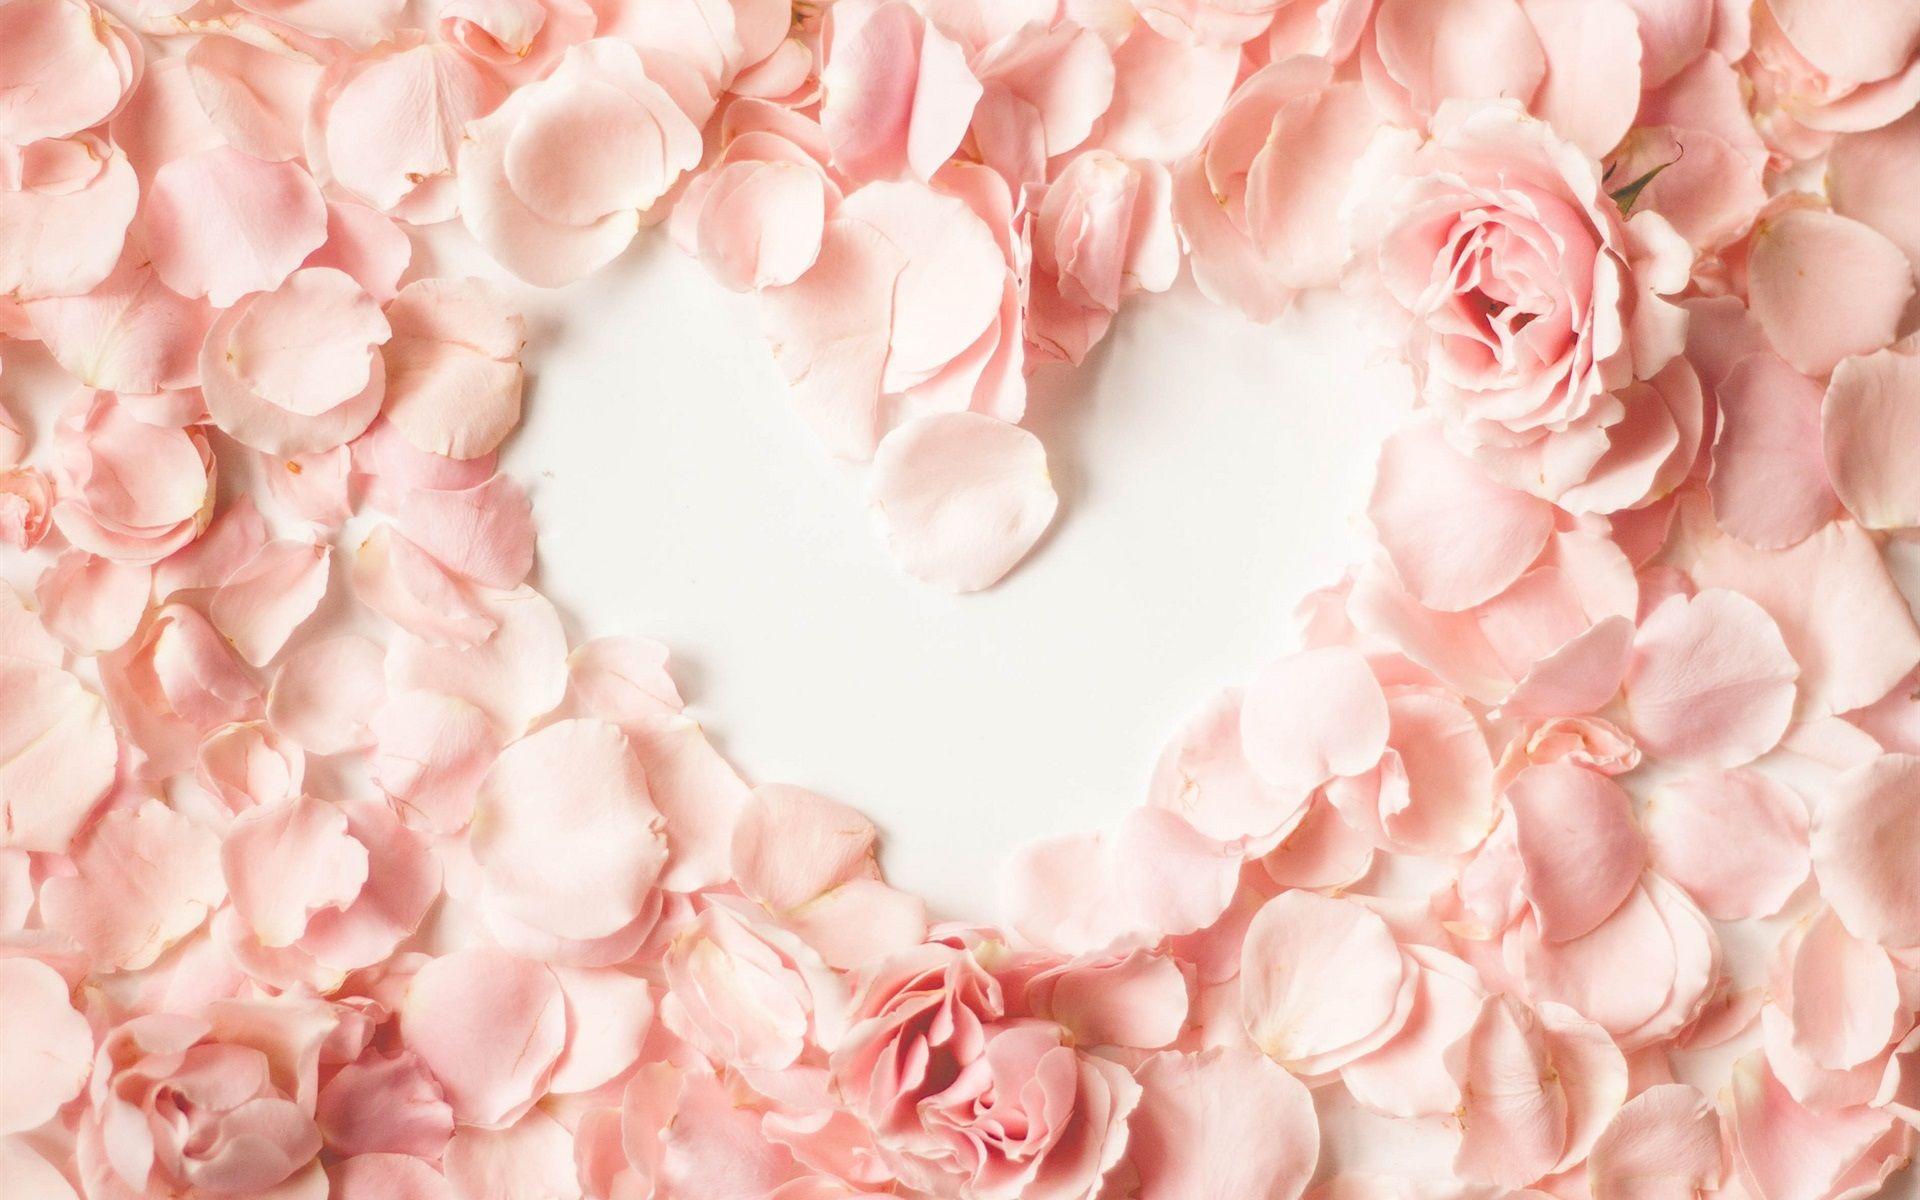 ピンクの花びら バラ 愛の心 壁紙 1920x1200 花びら 壁紙